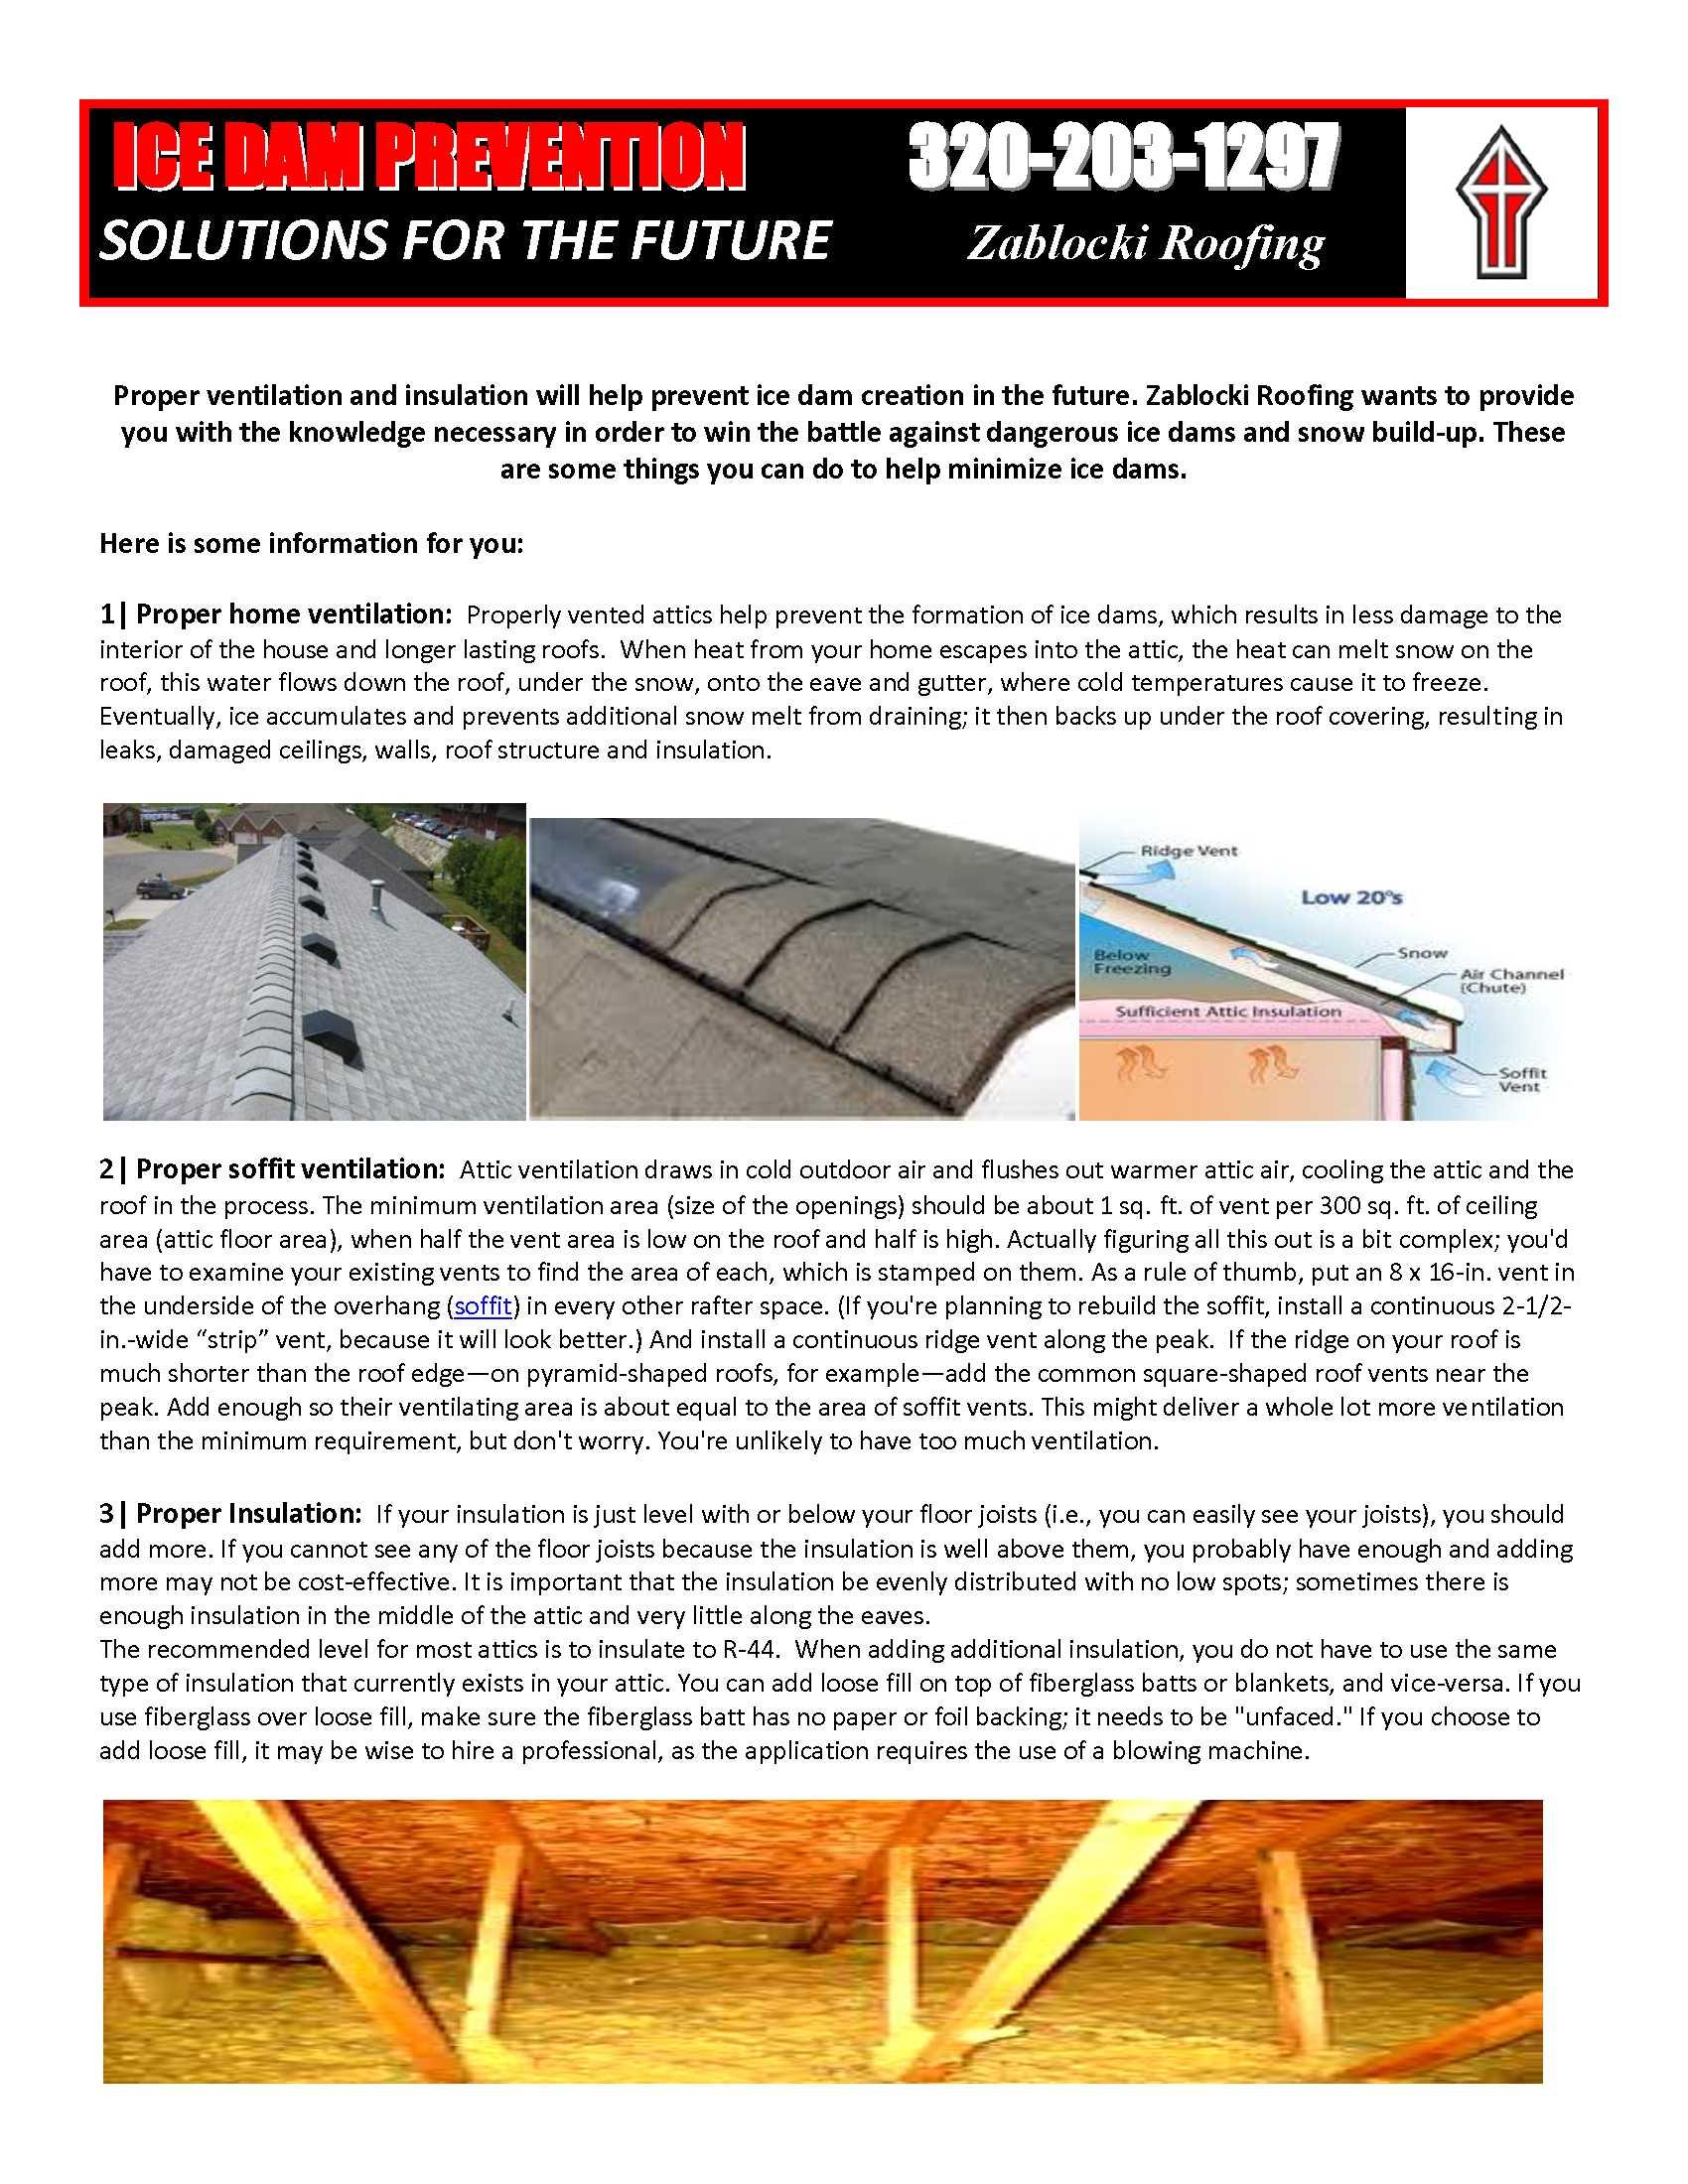 Zablocki Roofing Ice Dam Prevention Zablocki Roofing